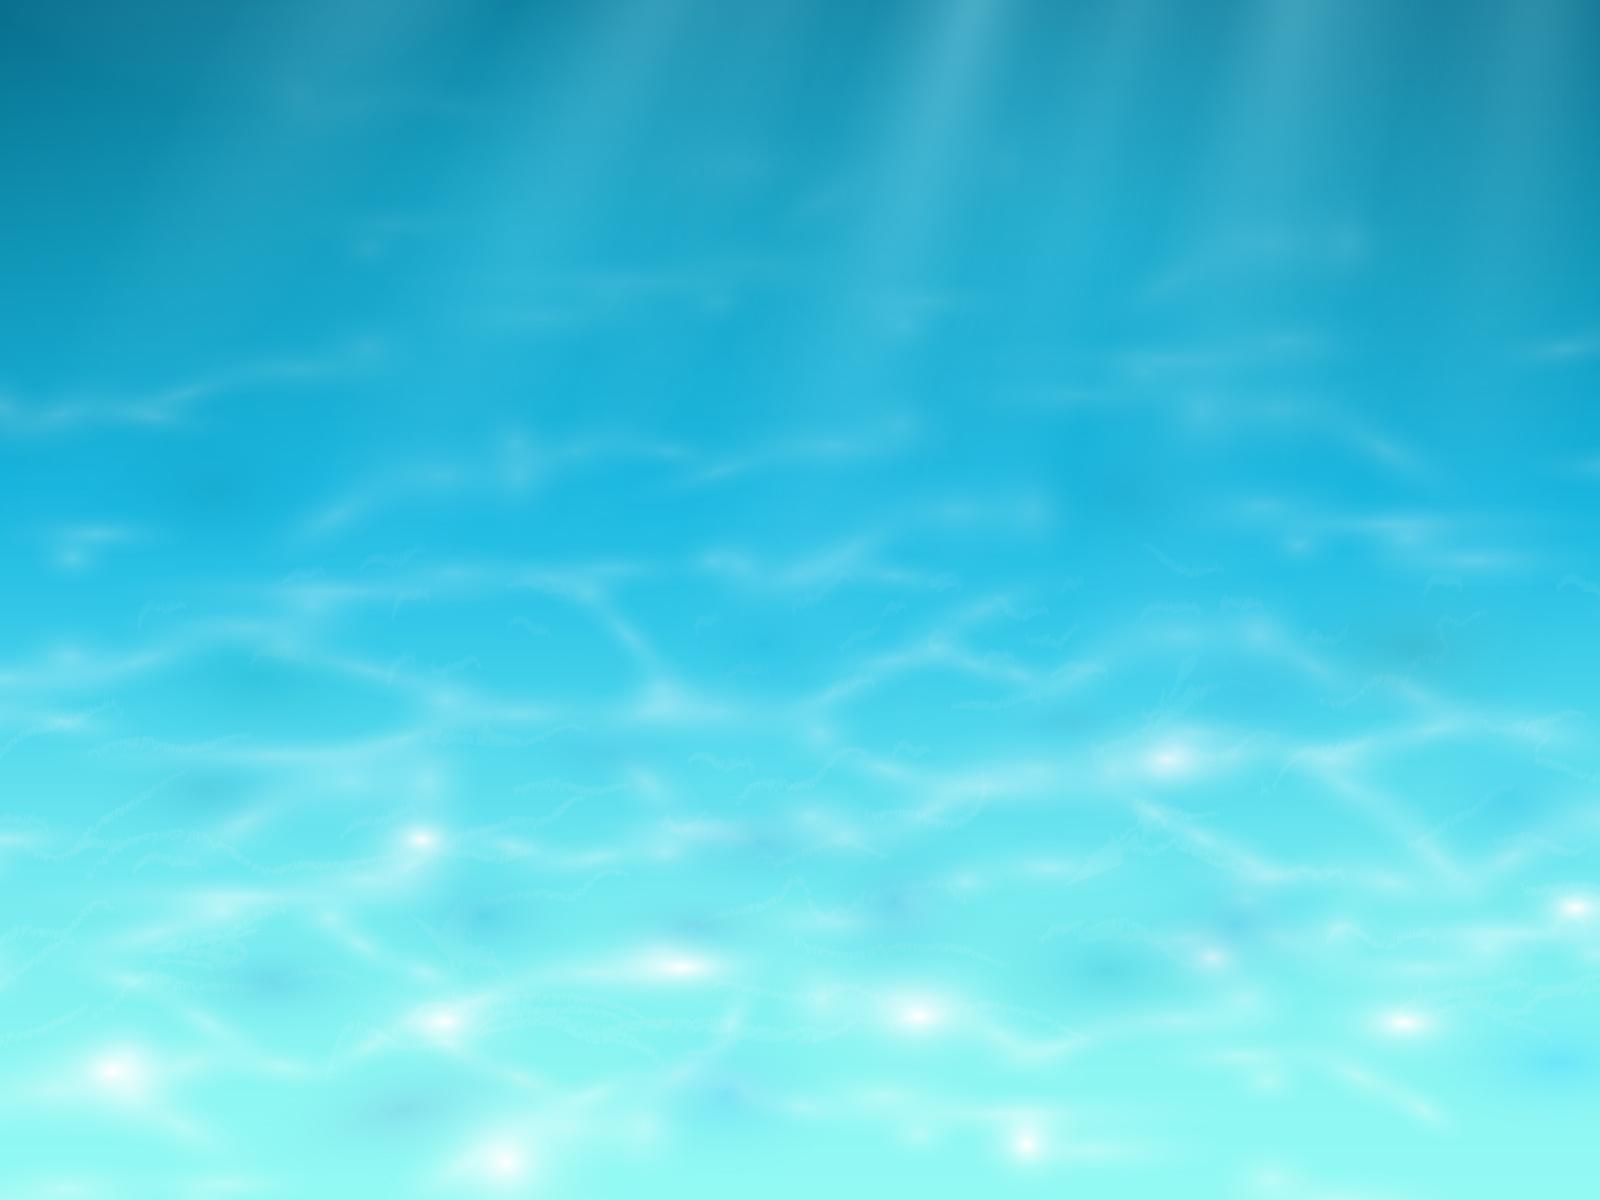 Hình nền Powerpoint đại dương